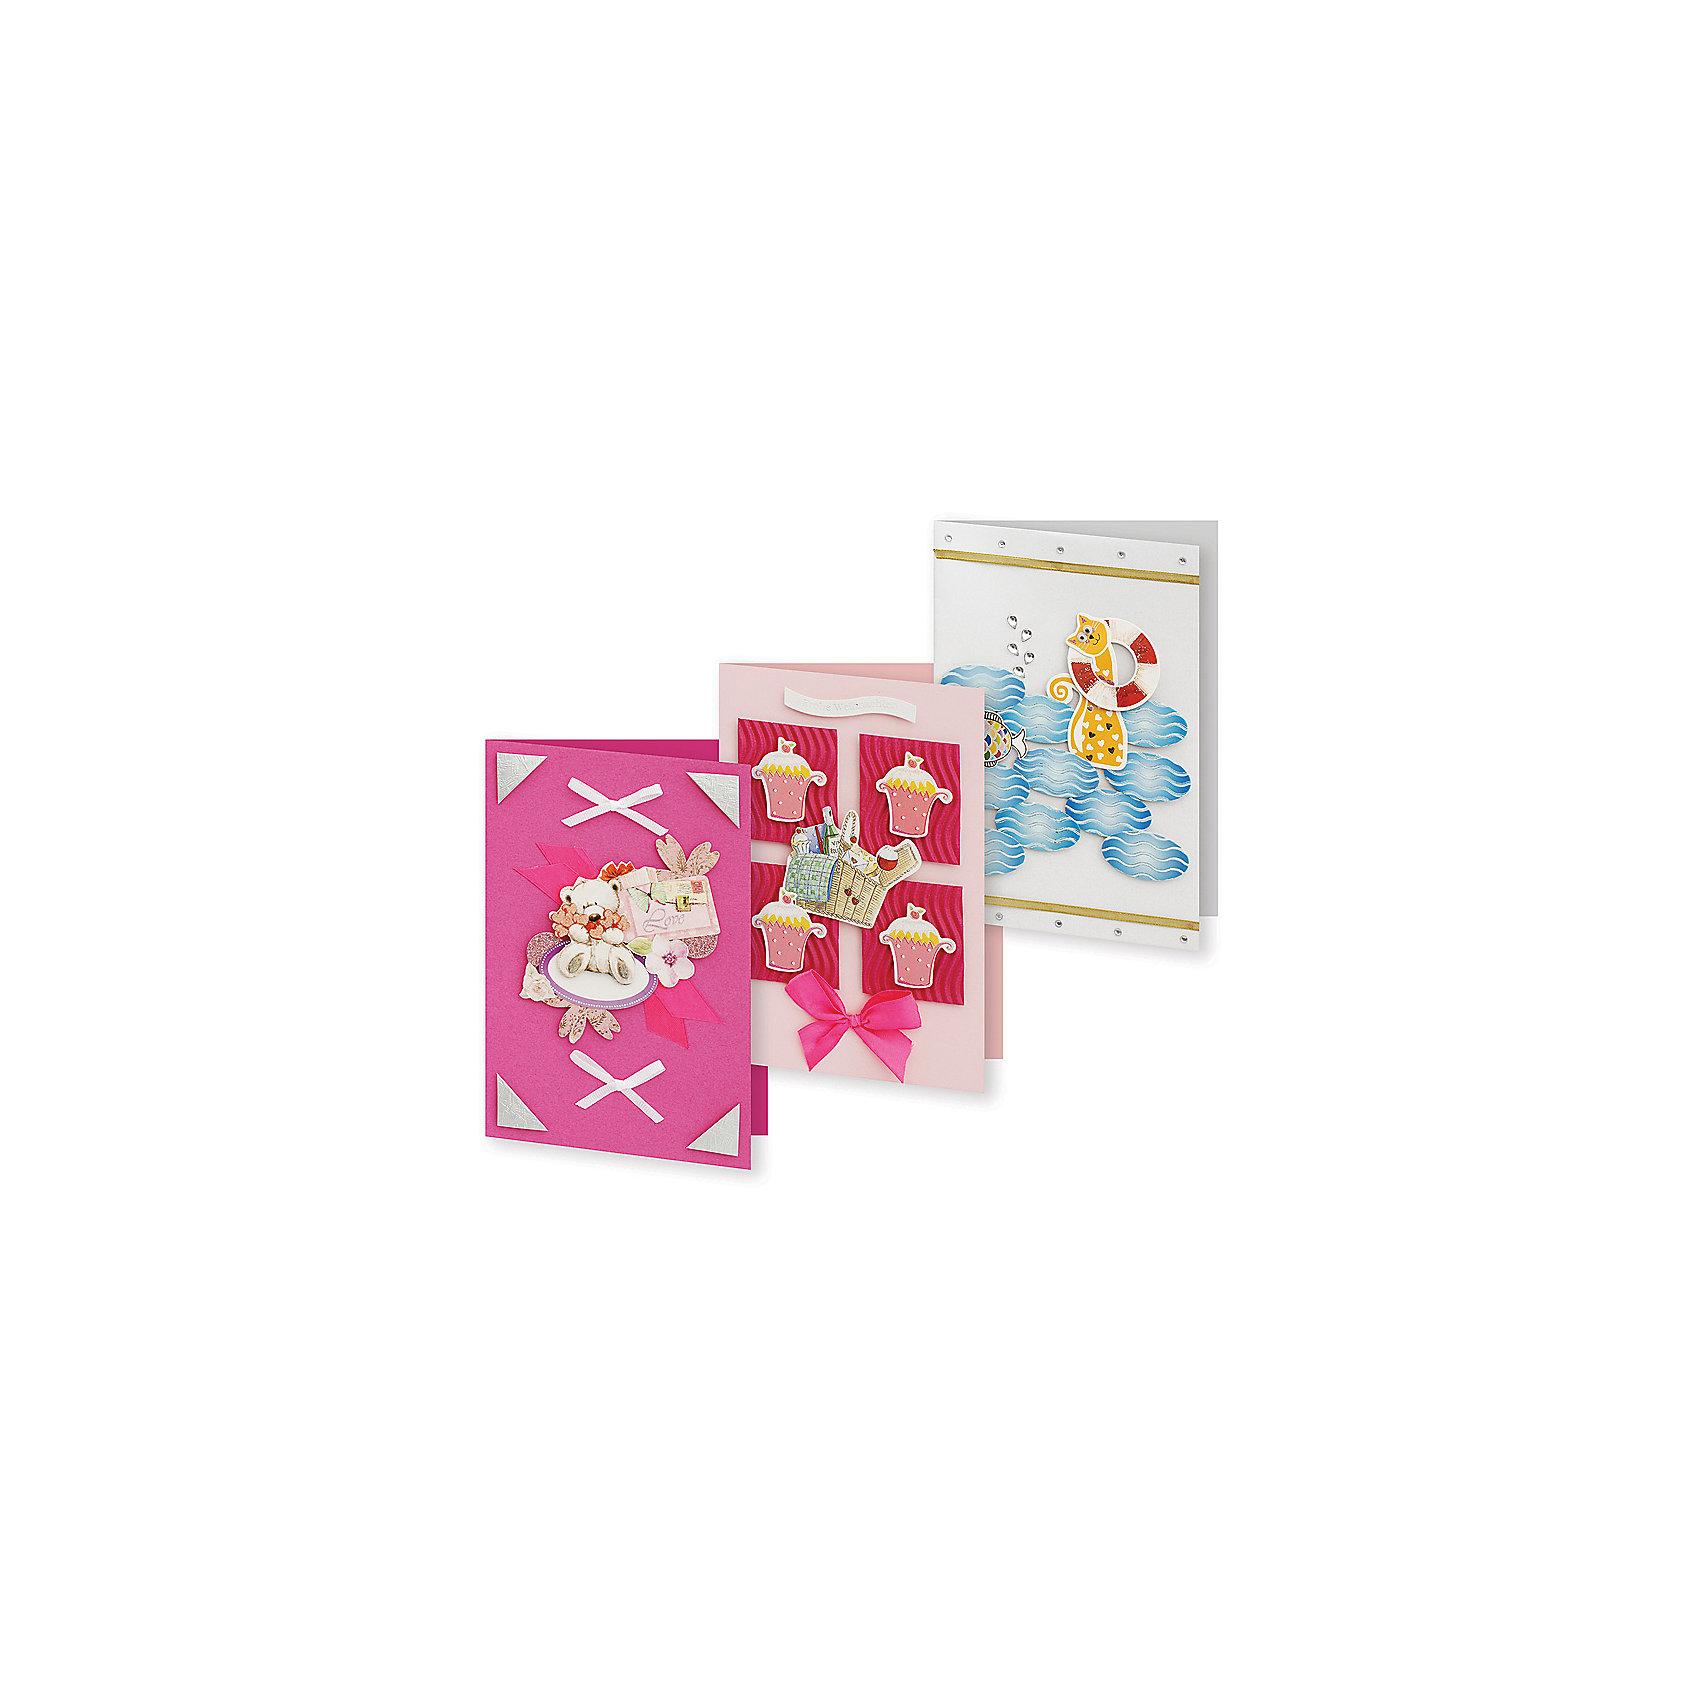 Набор для создания 3-х открыток Маскарад БелоснежкаБумага<br>Характеристики товара:<br><br>• возраст: от 6 лет;<br>• упаковка: прозрачный пакет с хедером;<br>• размер упаковки: 24х15х1 см..;<br>• материал: плотный картон, бумага для скрапбукинга, пластик, текстиль;<br>• размер открытки: 11,5х17 см.;<br>• вес: 80 гр.;<br>• бренд: Белоснежка;<br>• страна бренда: Россия;<br>• страна производства: Китай.<br>                                                                                                                                                                                                                                                                                                                       Набор для создания 3-х открыток «Маскарад» дополнен оригинальными карточками в стиле Шебби-Шик, необходимо только вырезать заготовки из макета и закрепить на открытке. Красивые элементы помогут сделать открытки более яркими и разнообразными. При их создании можно воспользоваться подсказками, расположенными на упаковке или придумать свою композицию.<br><br>Скрапбукинг стал популярным и модным увлечением во всём мире, которое помогает развививать у вас и вашего ребенка  мышление, моторику и фантазию, тренирует память, расширяет восприятие цветов и различных оттенков, пространственное мышление. Процесс создания открыток раскроет ваш  творческий потенциал,  а сама открытка будет неповторимым подарком для друзей и близких.          <br><br>Комплектация:<br><br>• 3 заготовки для открыток 11,5х17 см.;<br>• 3 конверта;<br>• 3 визитки-поздравления;<br>• клеевые подушечки;<br>• декоративные элементы: вырубка из картона, ленты, паетки, стразы, полубусины.       <br><br>Набор для создания 3-х открыток «Маскарад», Белоснежка  можно купить в нашем интернет-магазине.<br><br>Ширина мм: 240<br>Глубина мм: 147<br>Высота мм: 5<br>Вес г: 80<br>Возраст от месяцев: 72<br>Возраст до месяцев: 2147483647<br>Пол: Унисекс<br>Возраст: Детский<br>SKU: 6997993